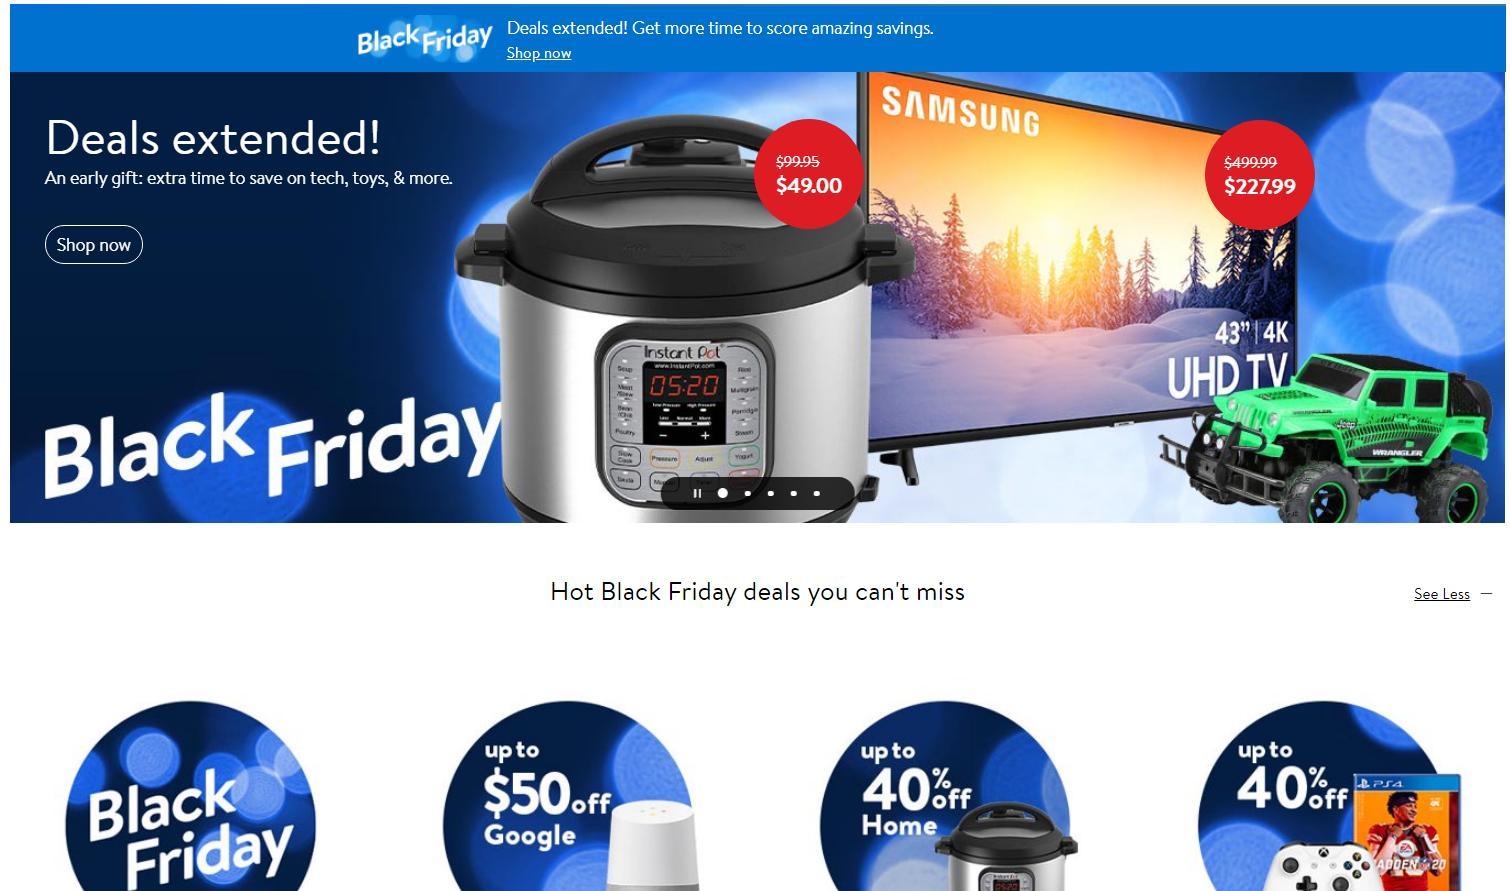 Walmart's Black Friday deals are still valid Sunday + Cyber Monday starts  at midnight :: WRAL.com